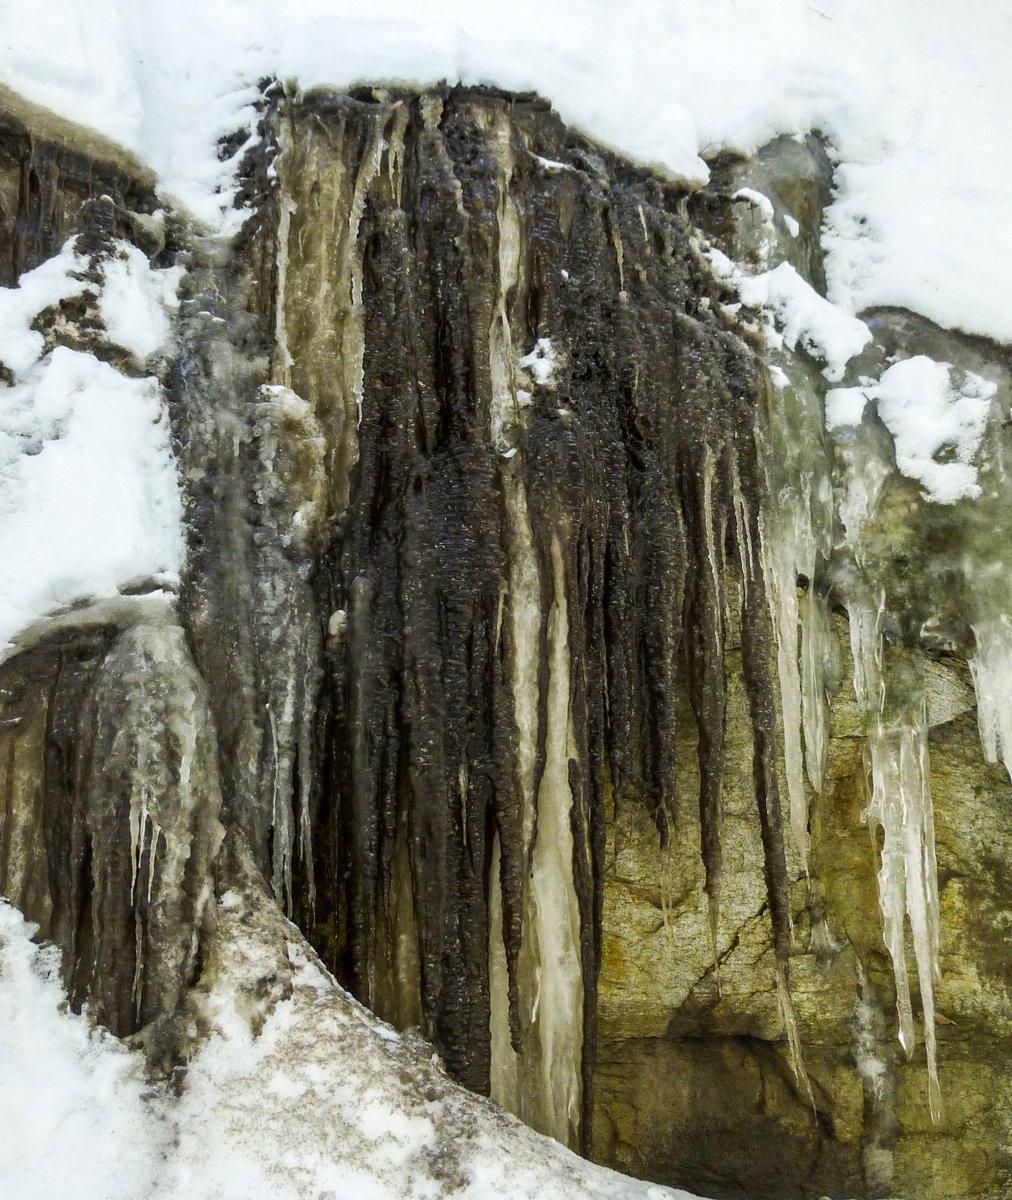 3. Black Ice